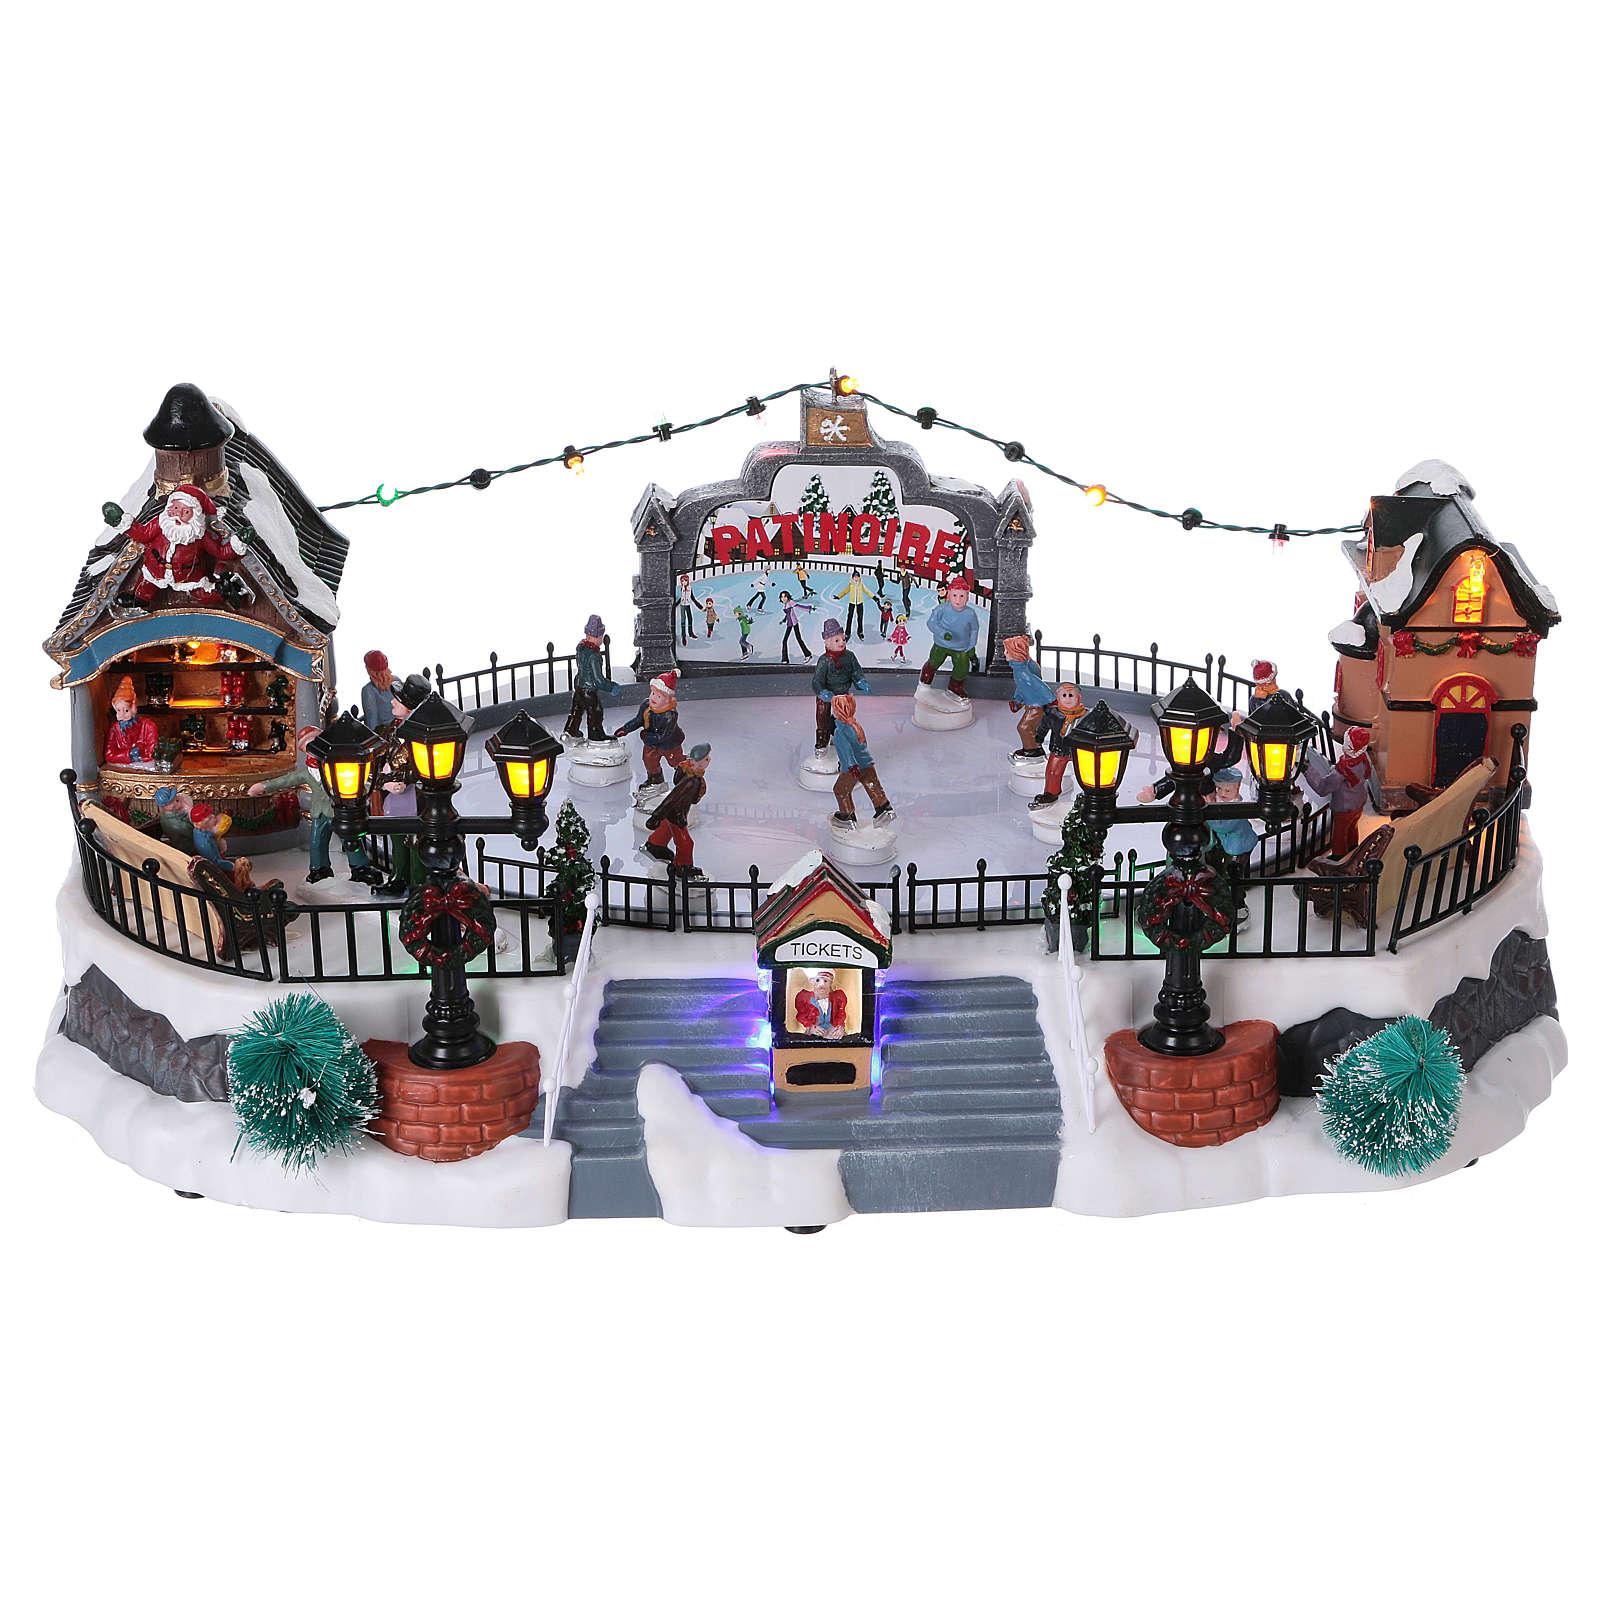 Scenografia Natale 20x40x25 cm pattinaggio mov Babbo Natale corr 3